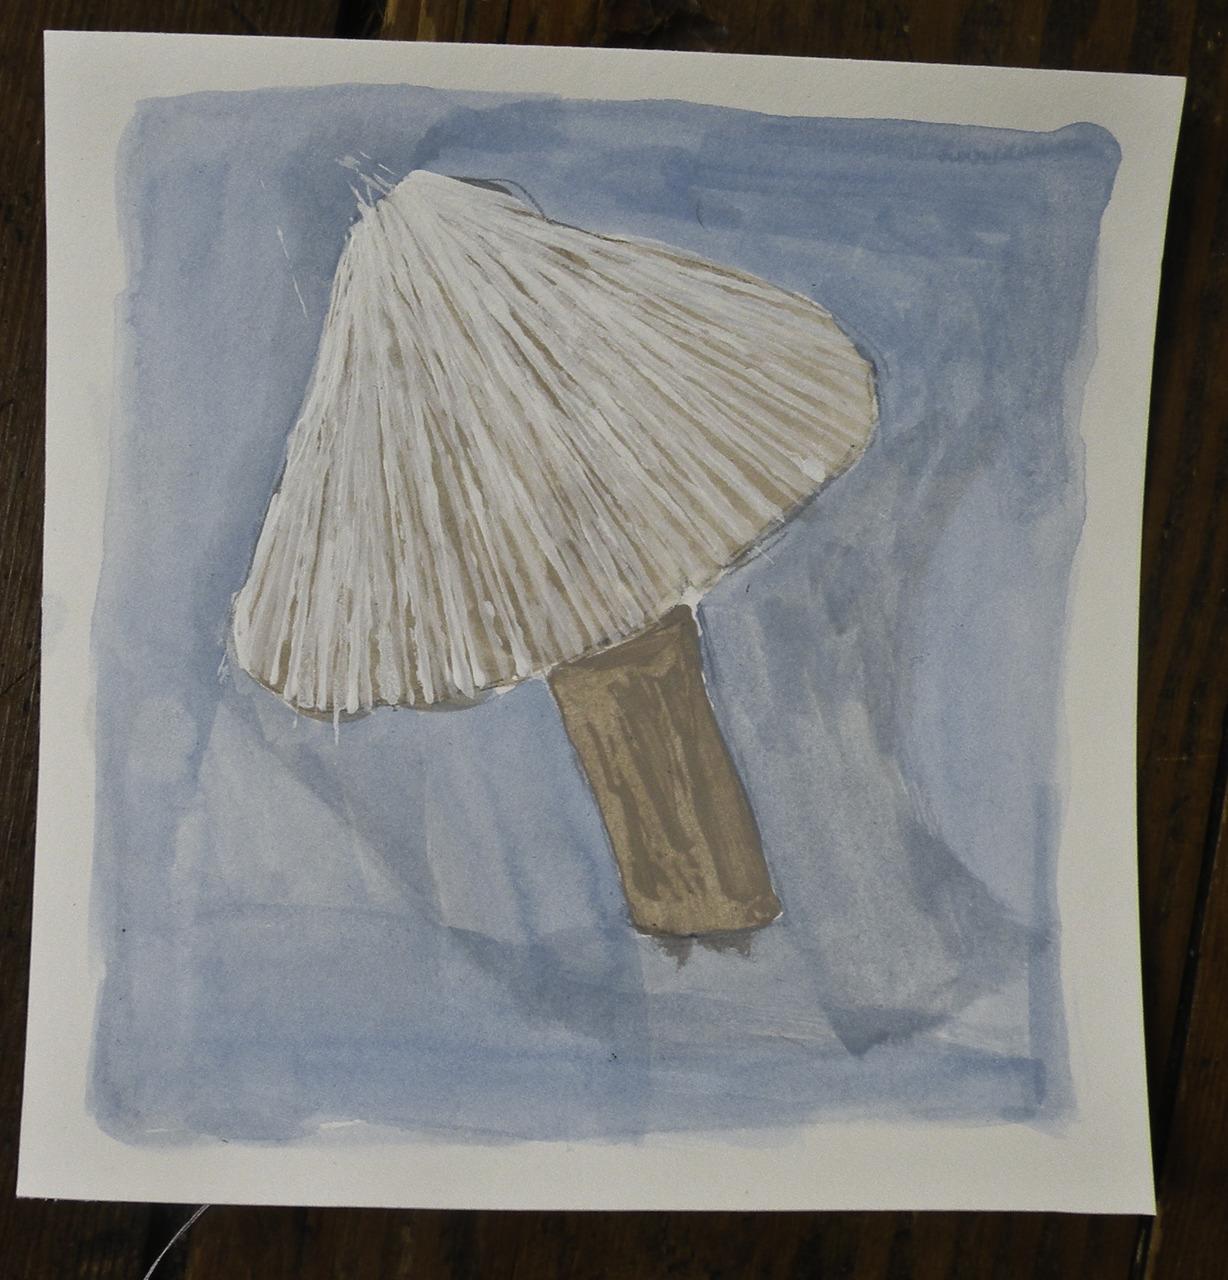 oregon mushroom    (britt original)